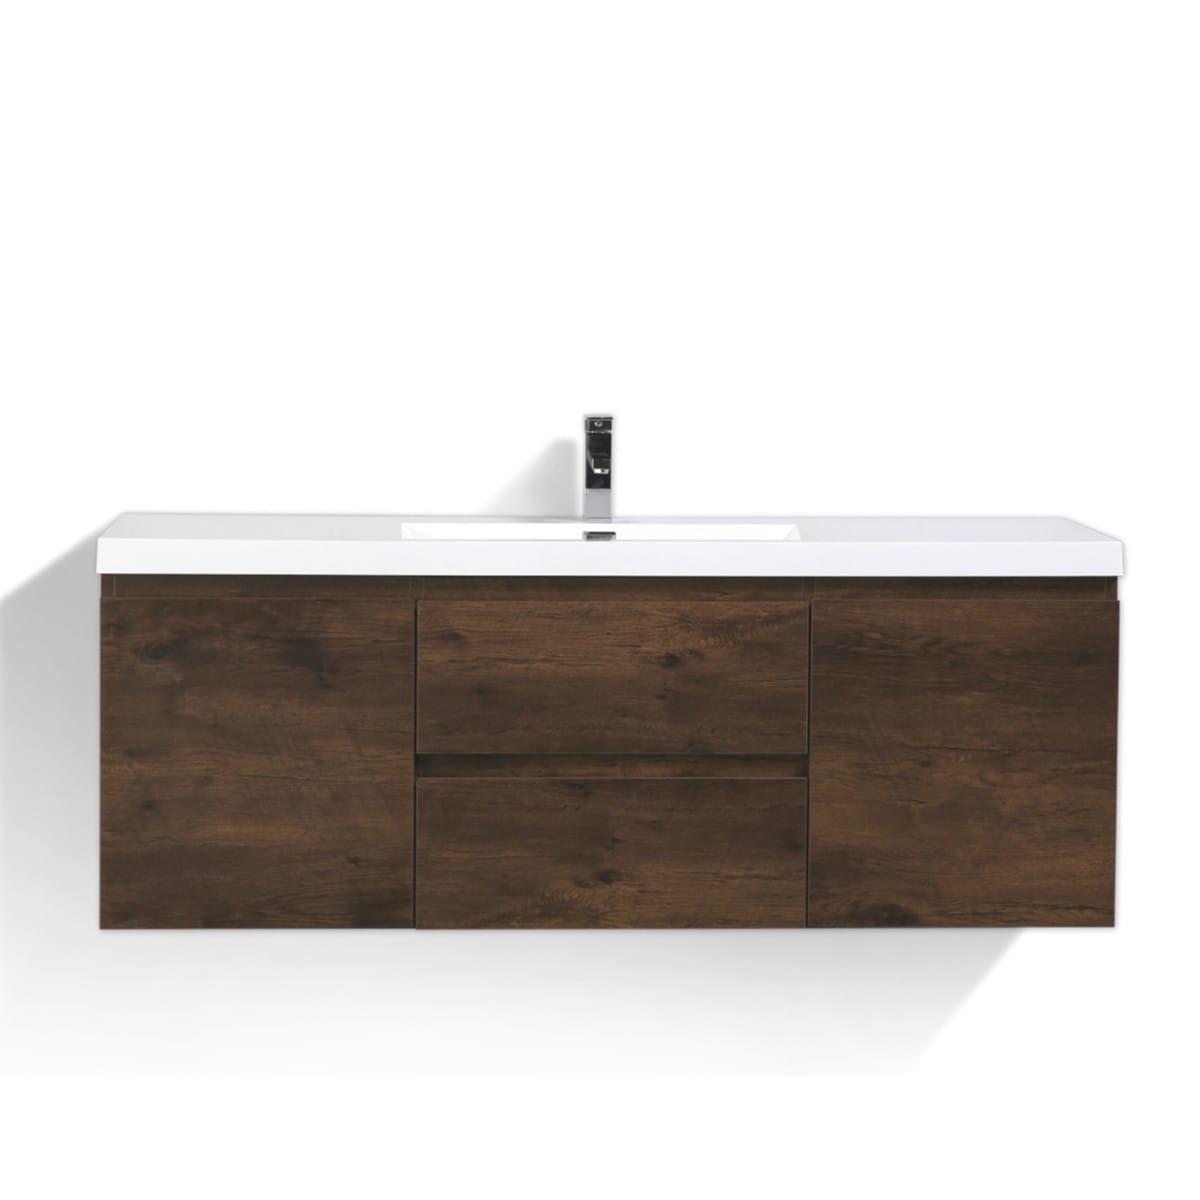 bathroom vanities wall mounted. Moreno MOB 60-inch Single Sink Wall Mounted Modern Bathroom Vanity With Reinforced Acrylic Vanities